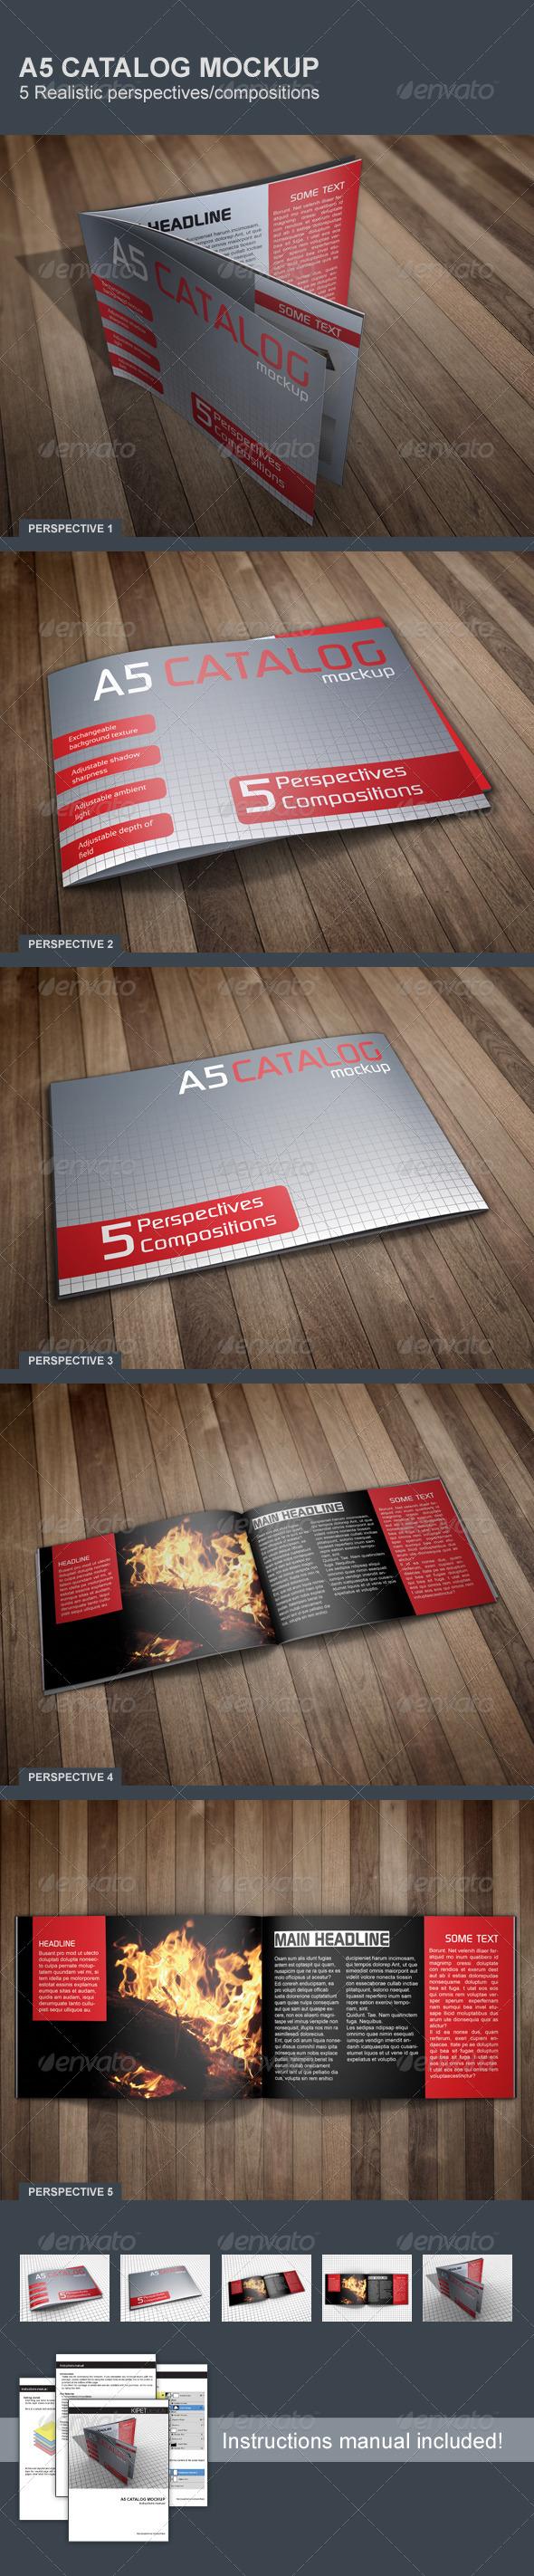 GraphicRiver Realistic A5 Catalog Mockup 5180771